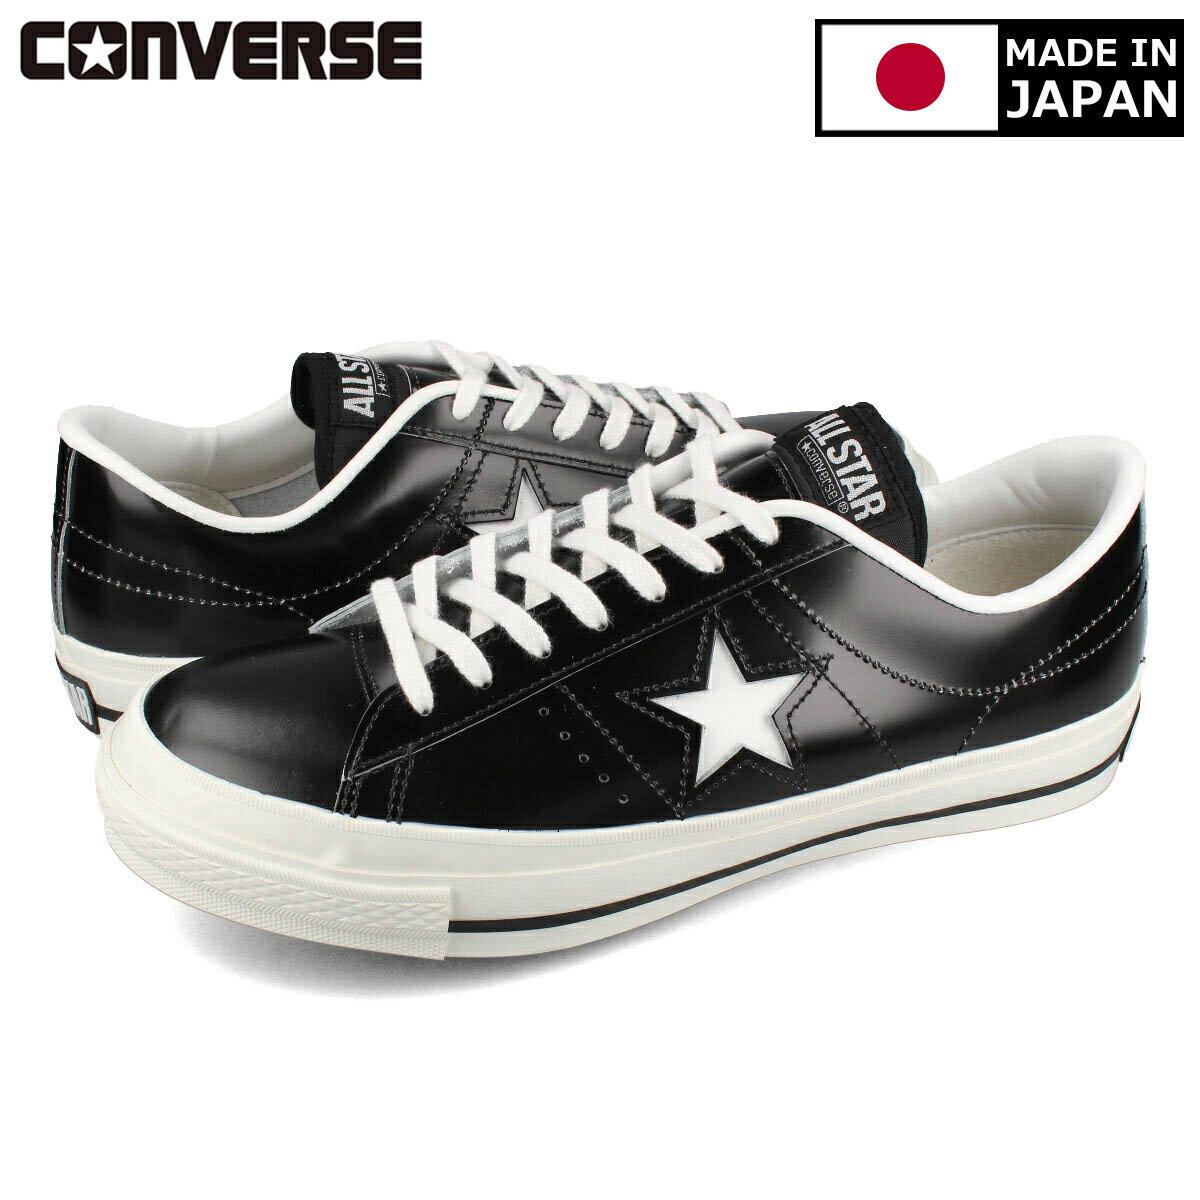 【4月20日(金)再入荷】 CONVERSE ONE STAR J 【MADE IN JAPAN】【日本製】【メンズ】【レディース】コンバース ワンスター J BLACK/WHITE